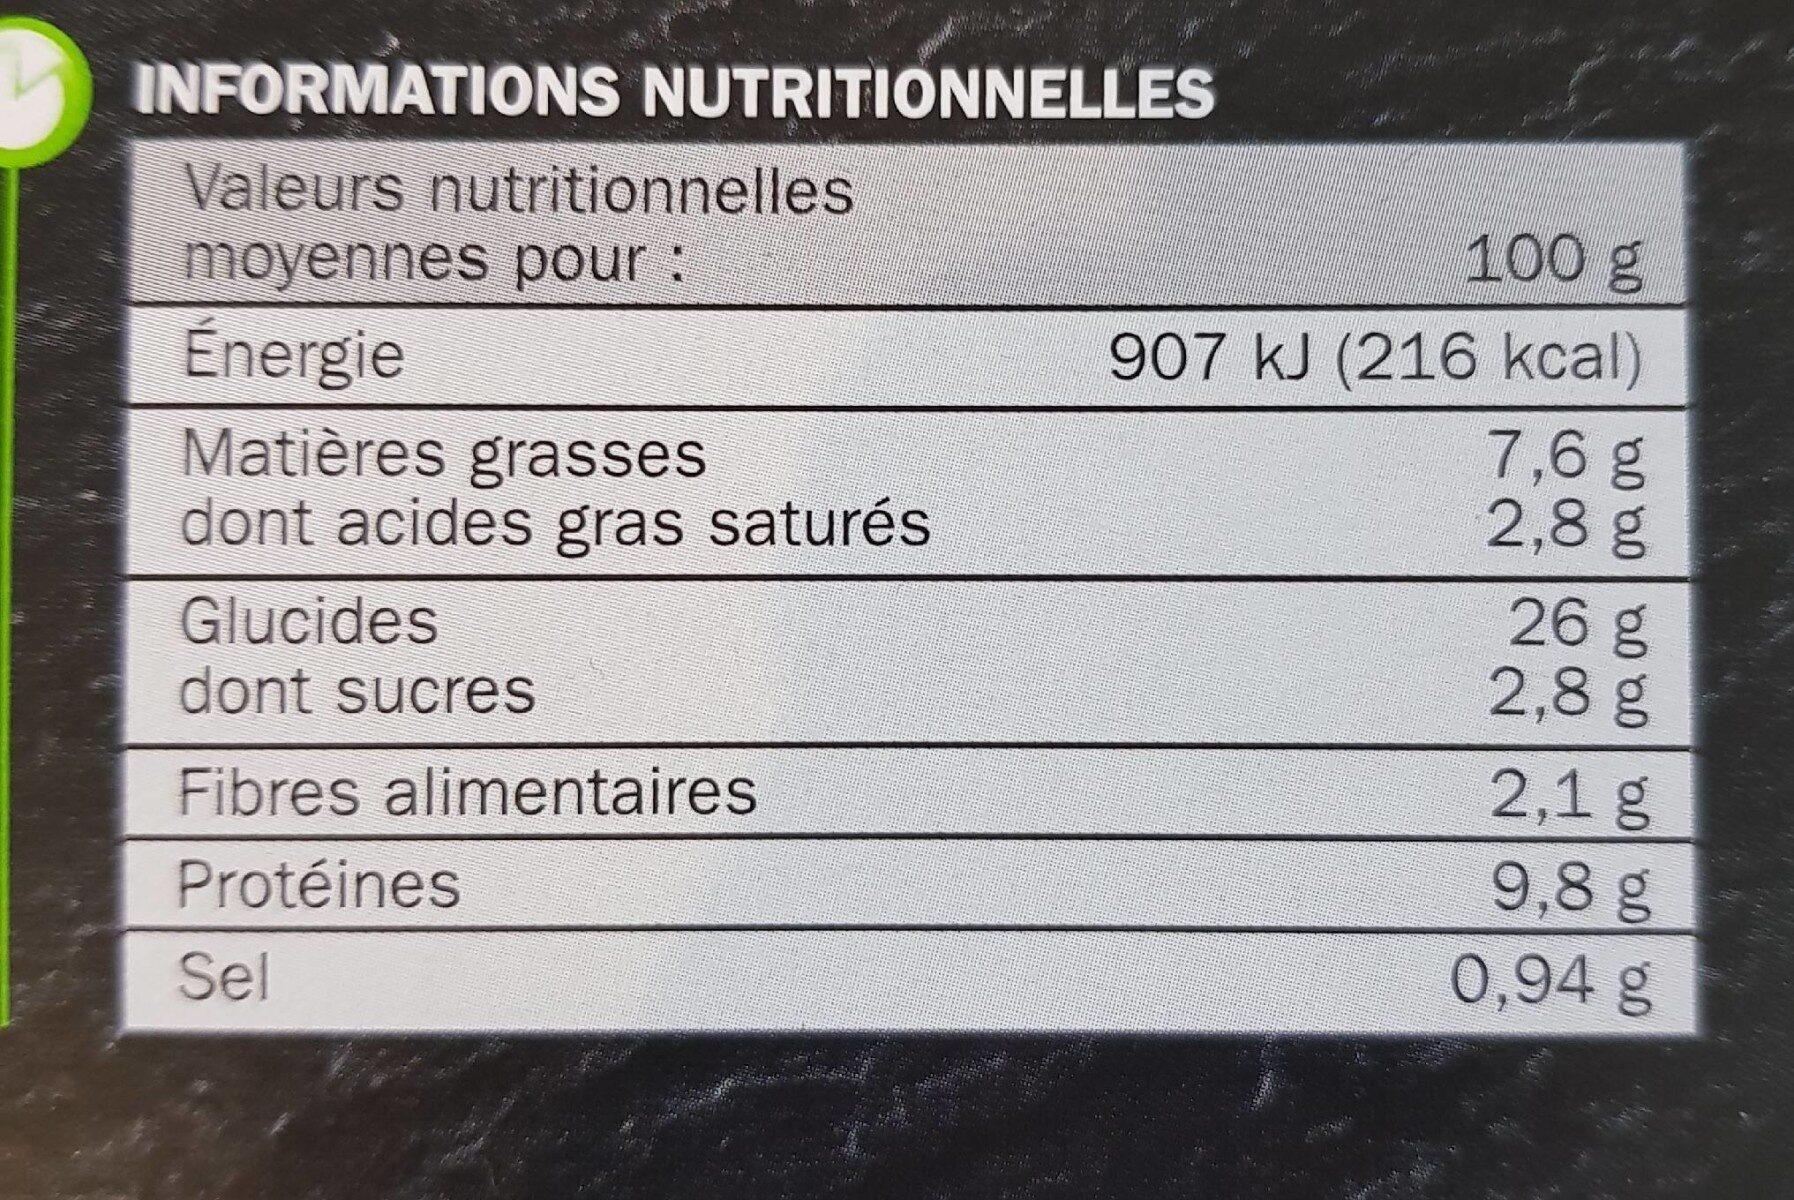 La familiale - Royale - Informations nutritionnelles - fr